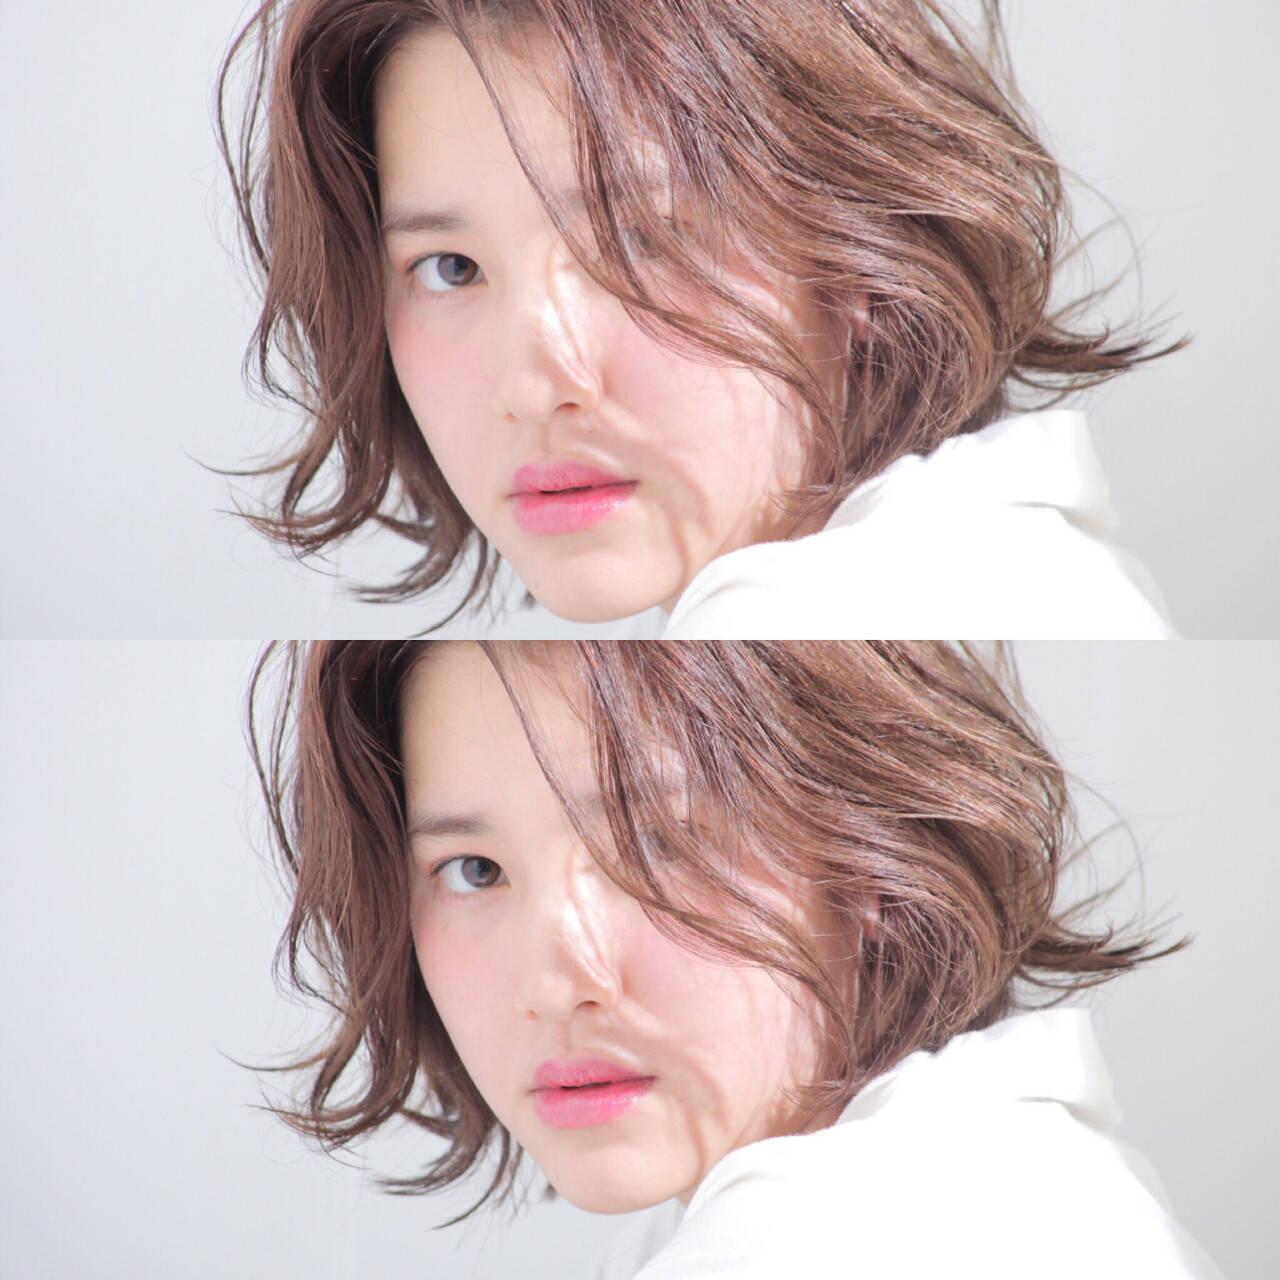 レイヤーカット シースルーバング 外国人風 ナチュラルヘアスタイルや髪型の写真・画像